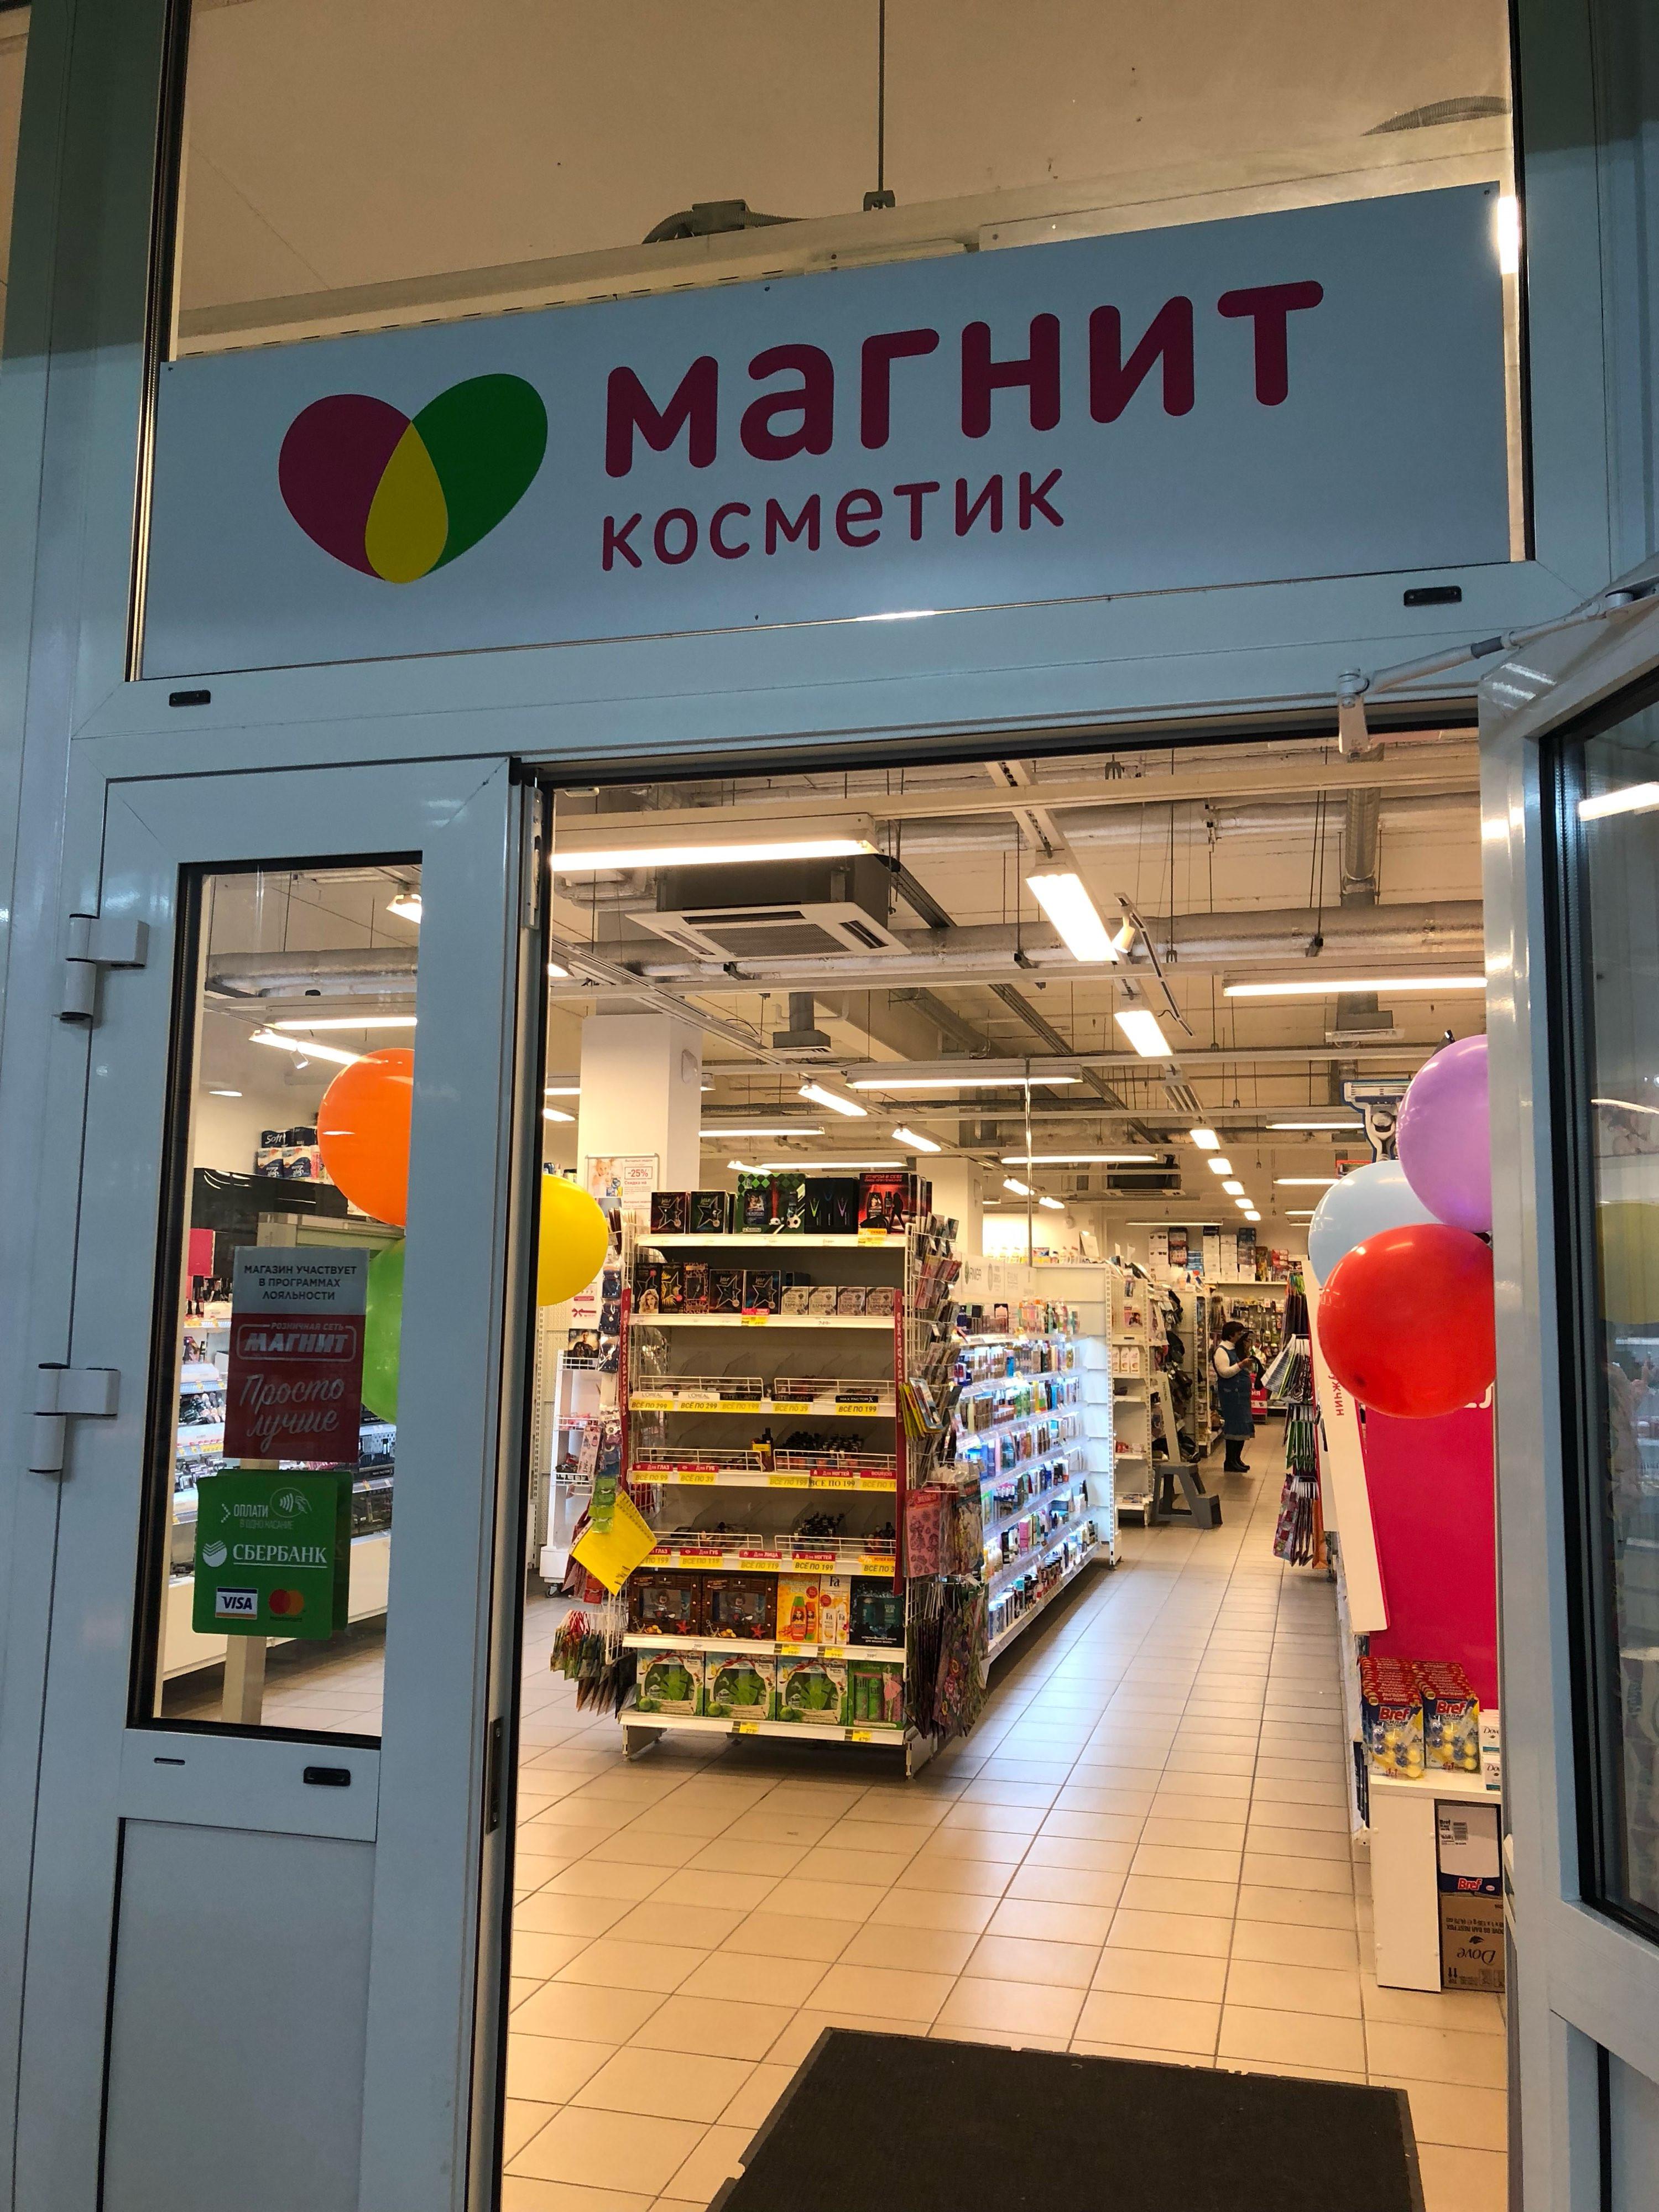 ярославская область красивые картинки магнит косметике руки можно сделать